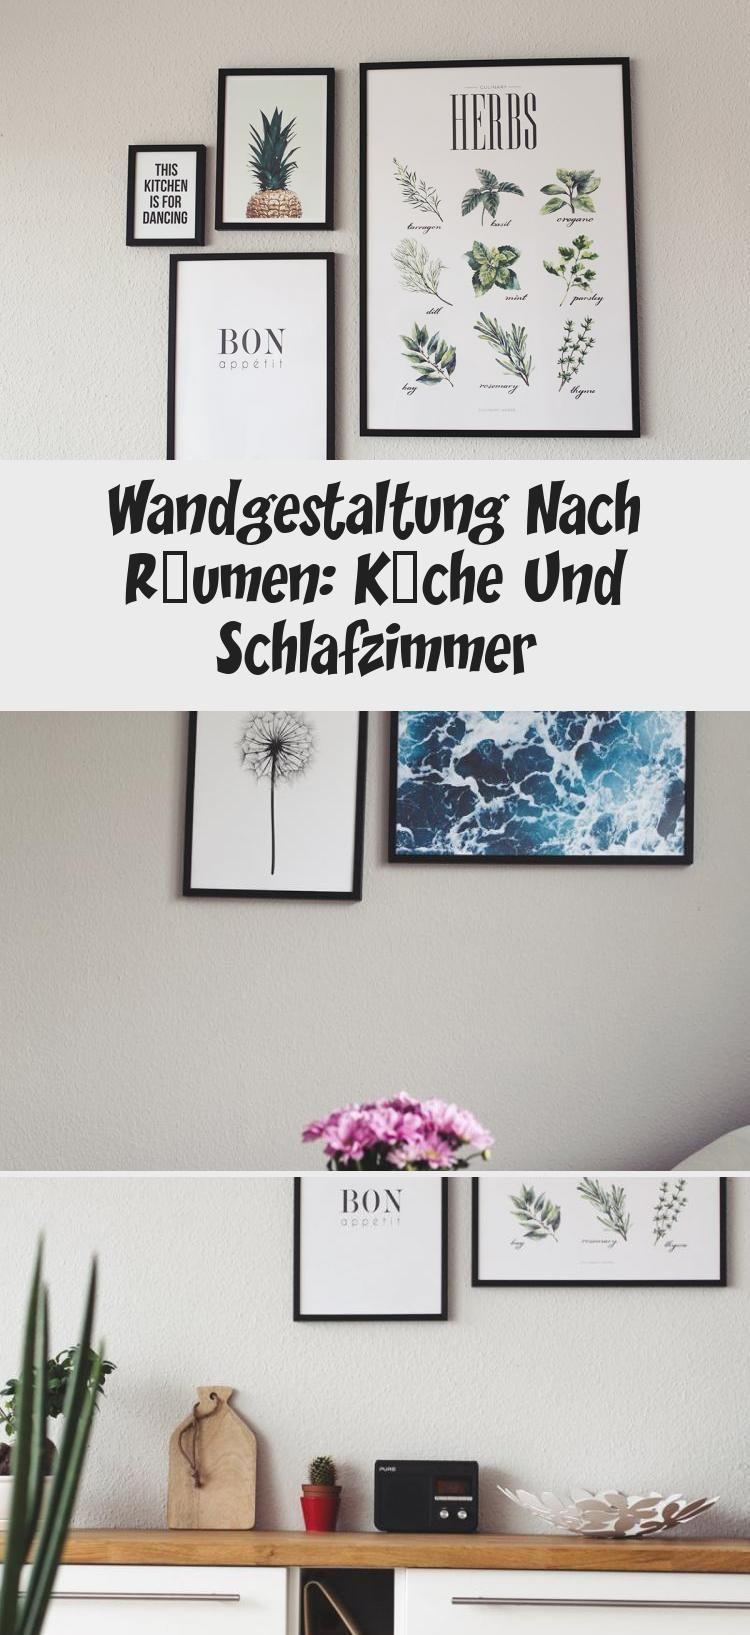 Wandgestaltung Nach Räumen: Küche Und Schlafzimmer